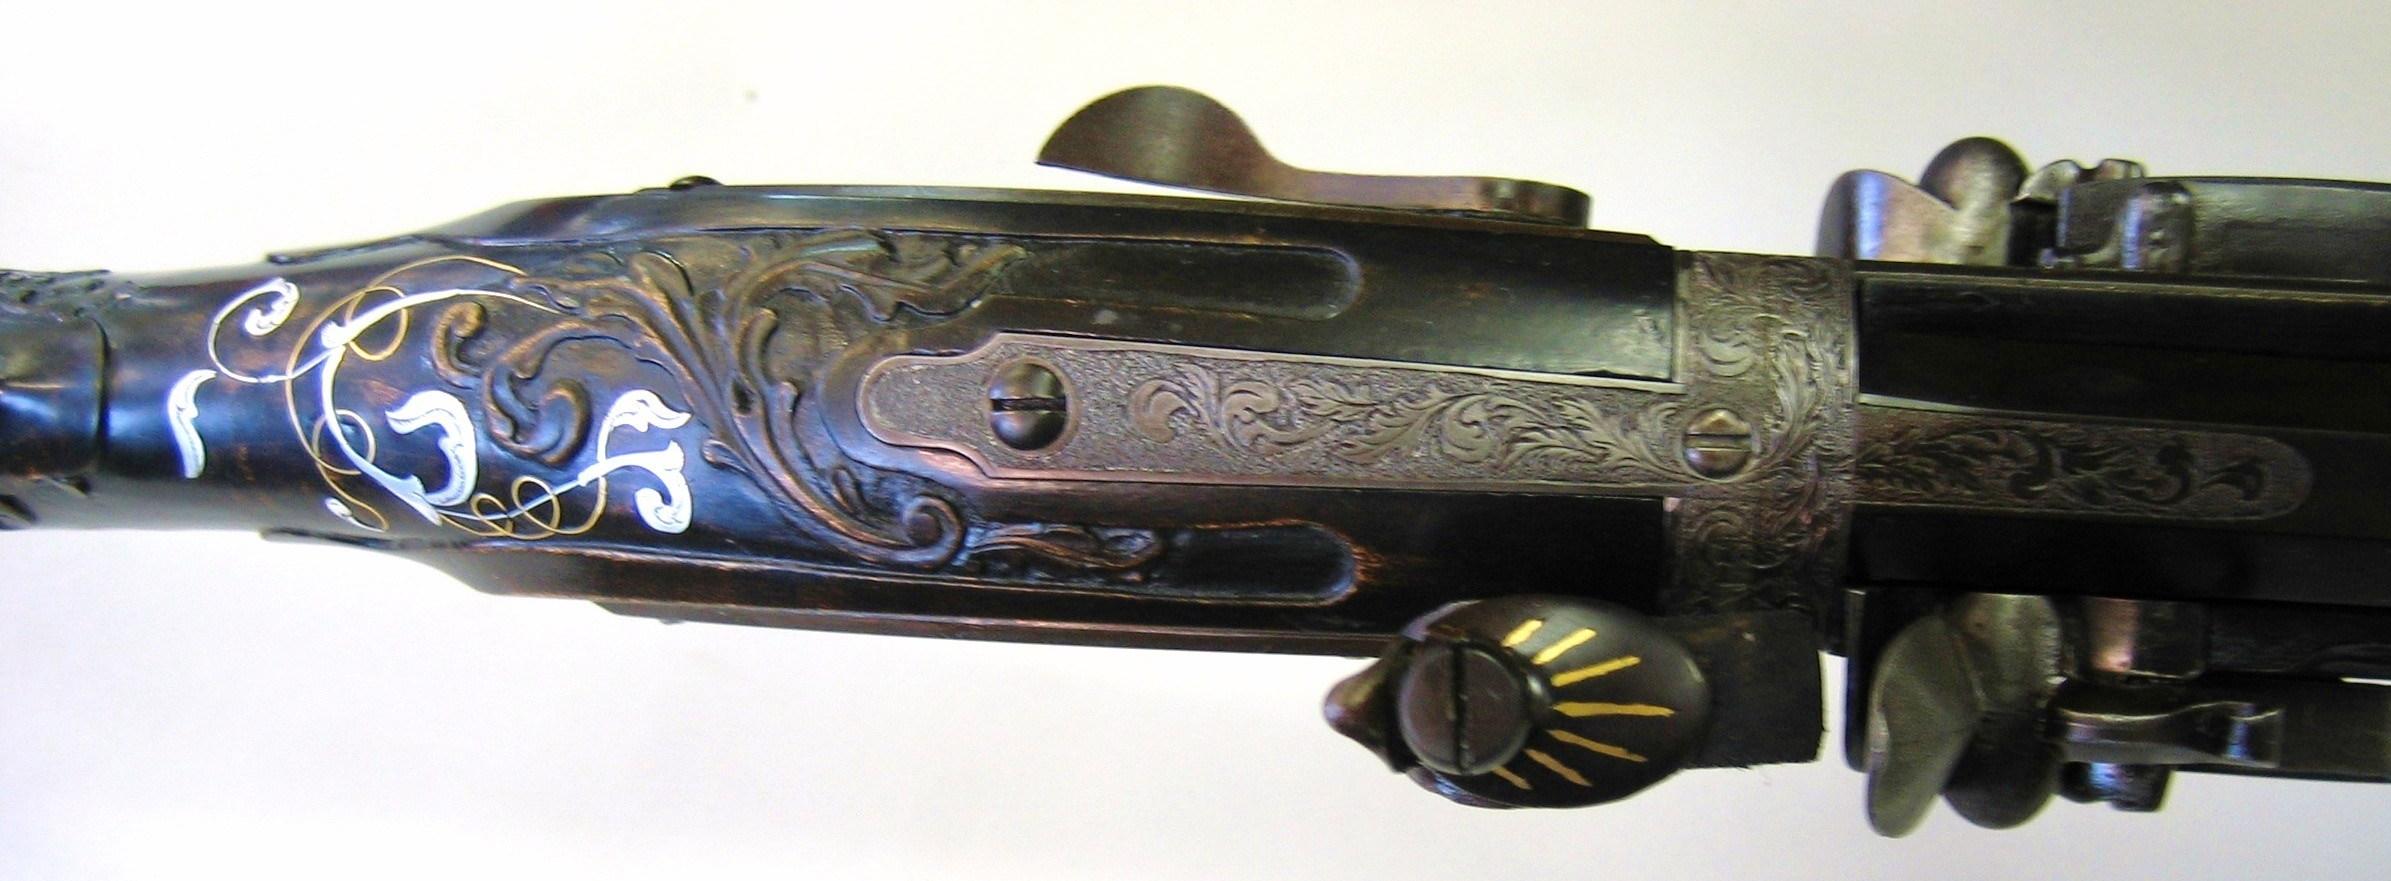 finish-andrea-rifle-010.jpg